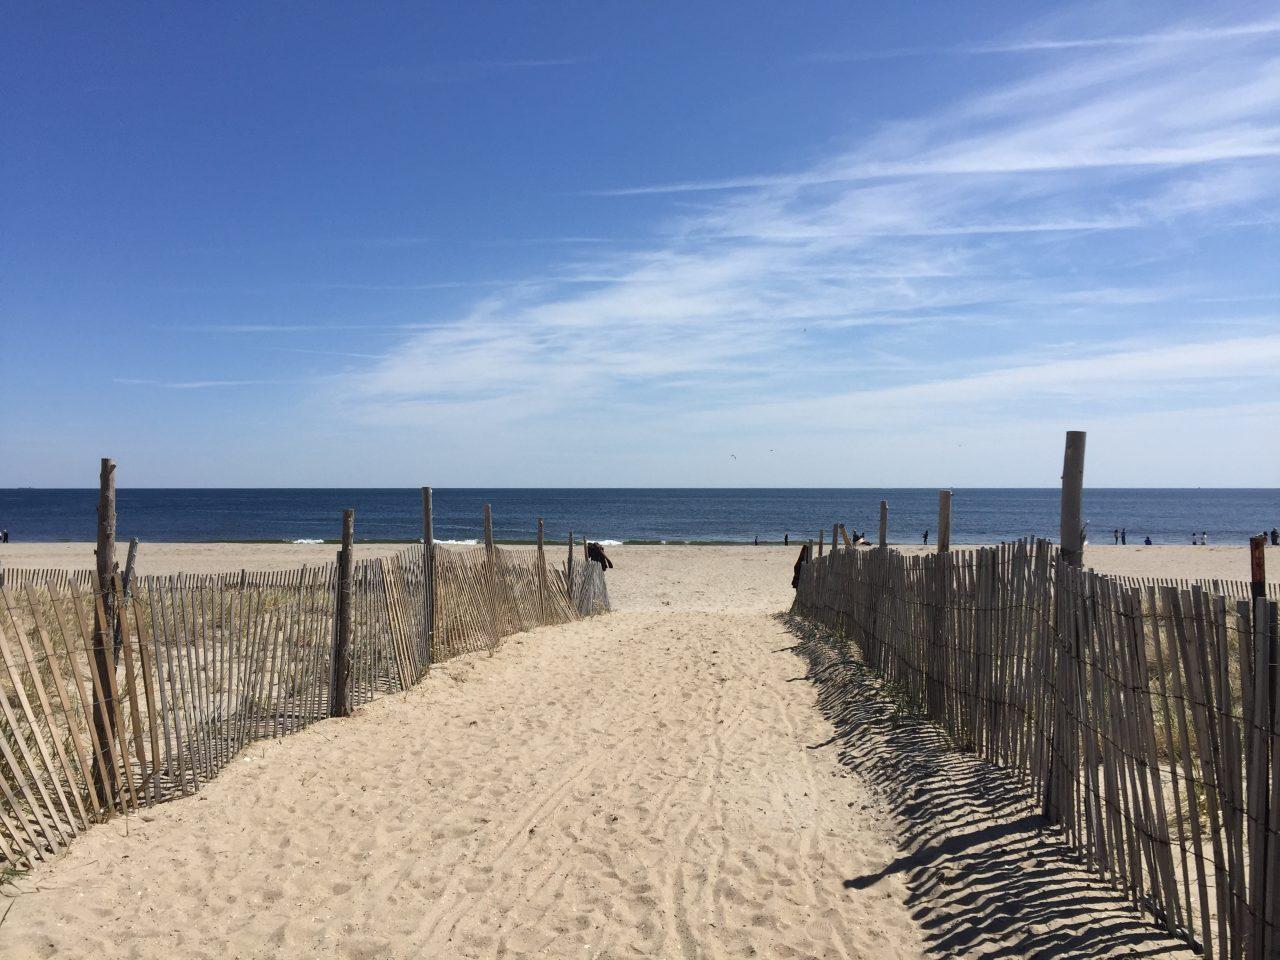 Strandbesuch am Wochenende